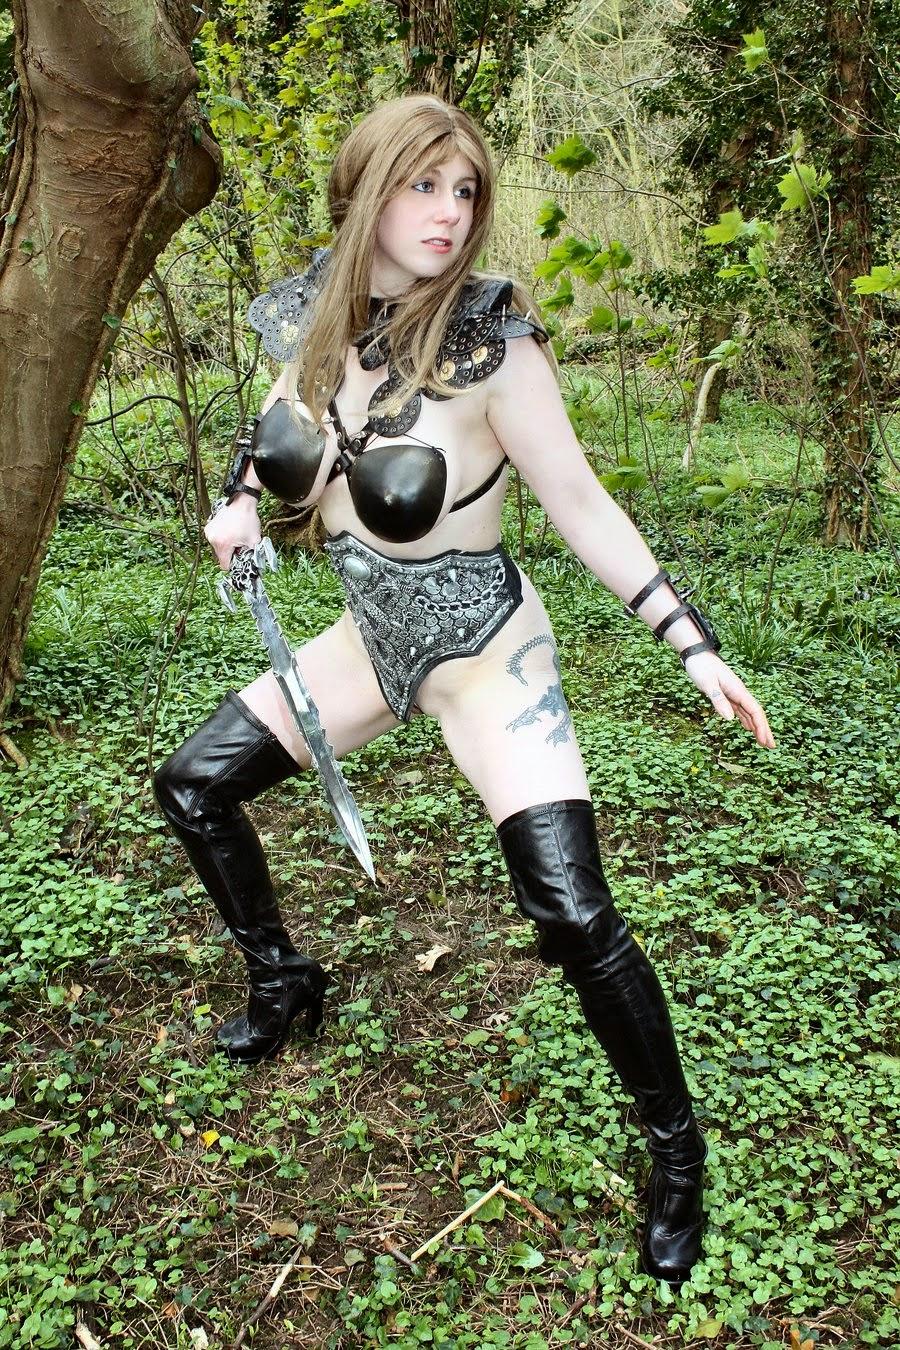 guerrière avec épée et soutien-gorge cuir moulée sur poitrine